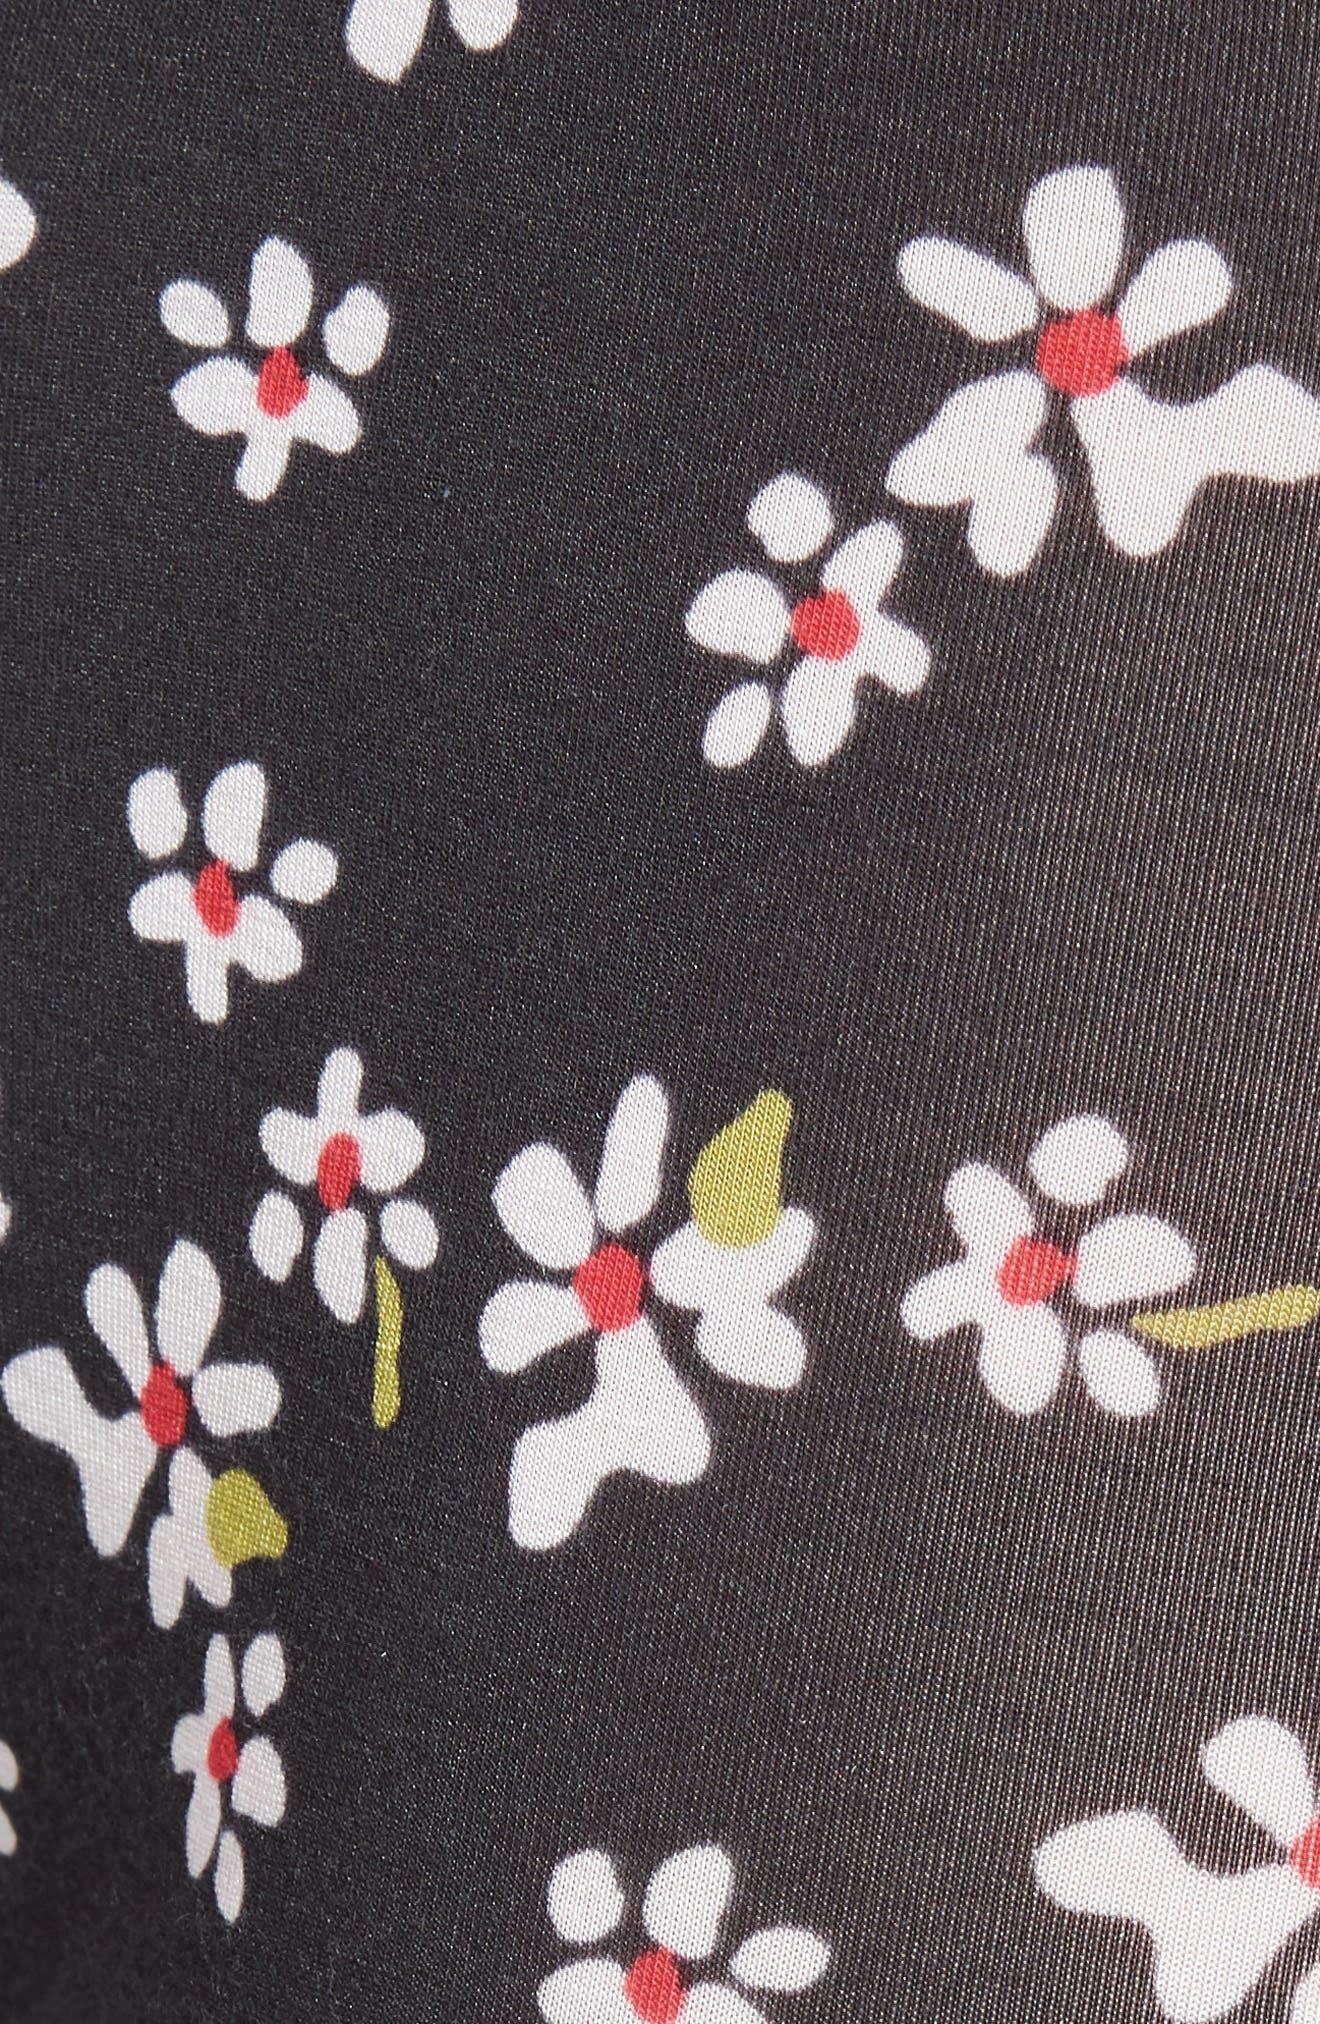 Light Flowers Boxer Briefs,                             Alternate thumbnail 5, color,                             BLACK